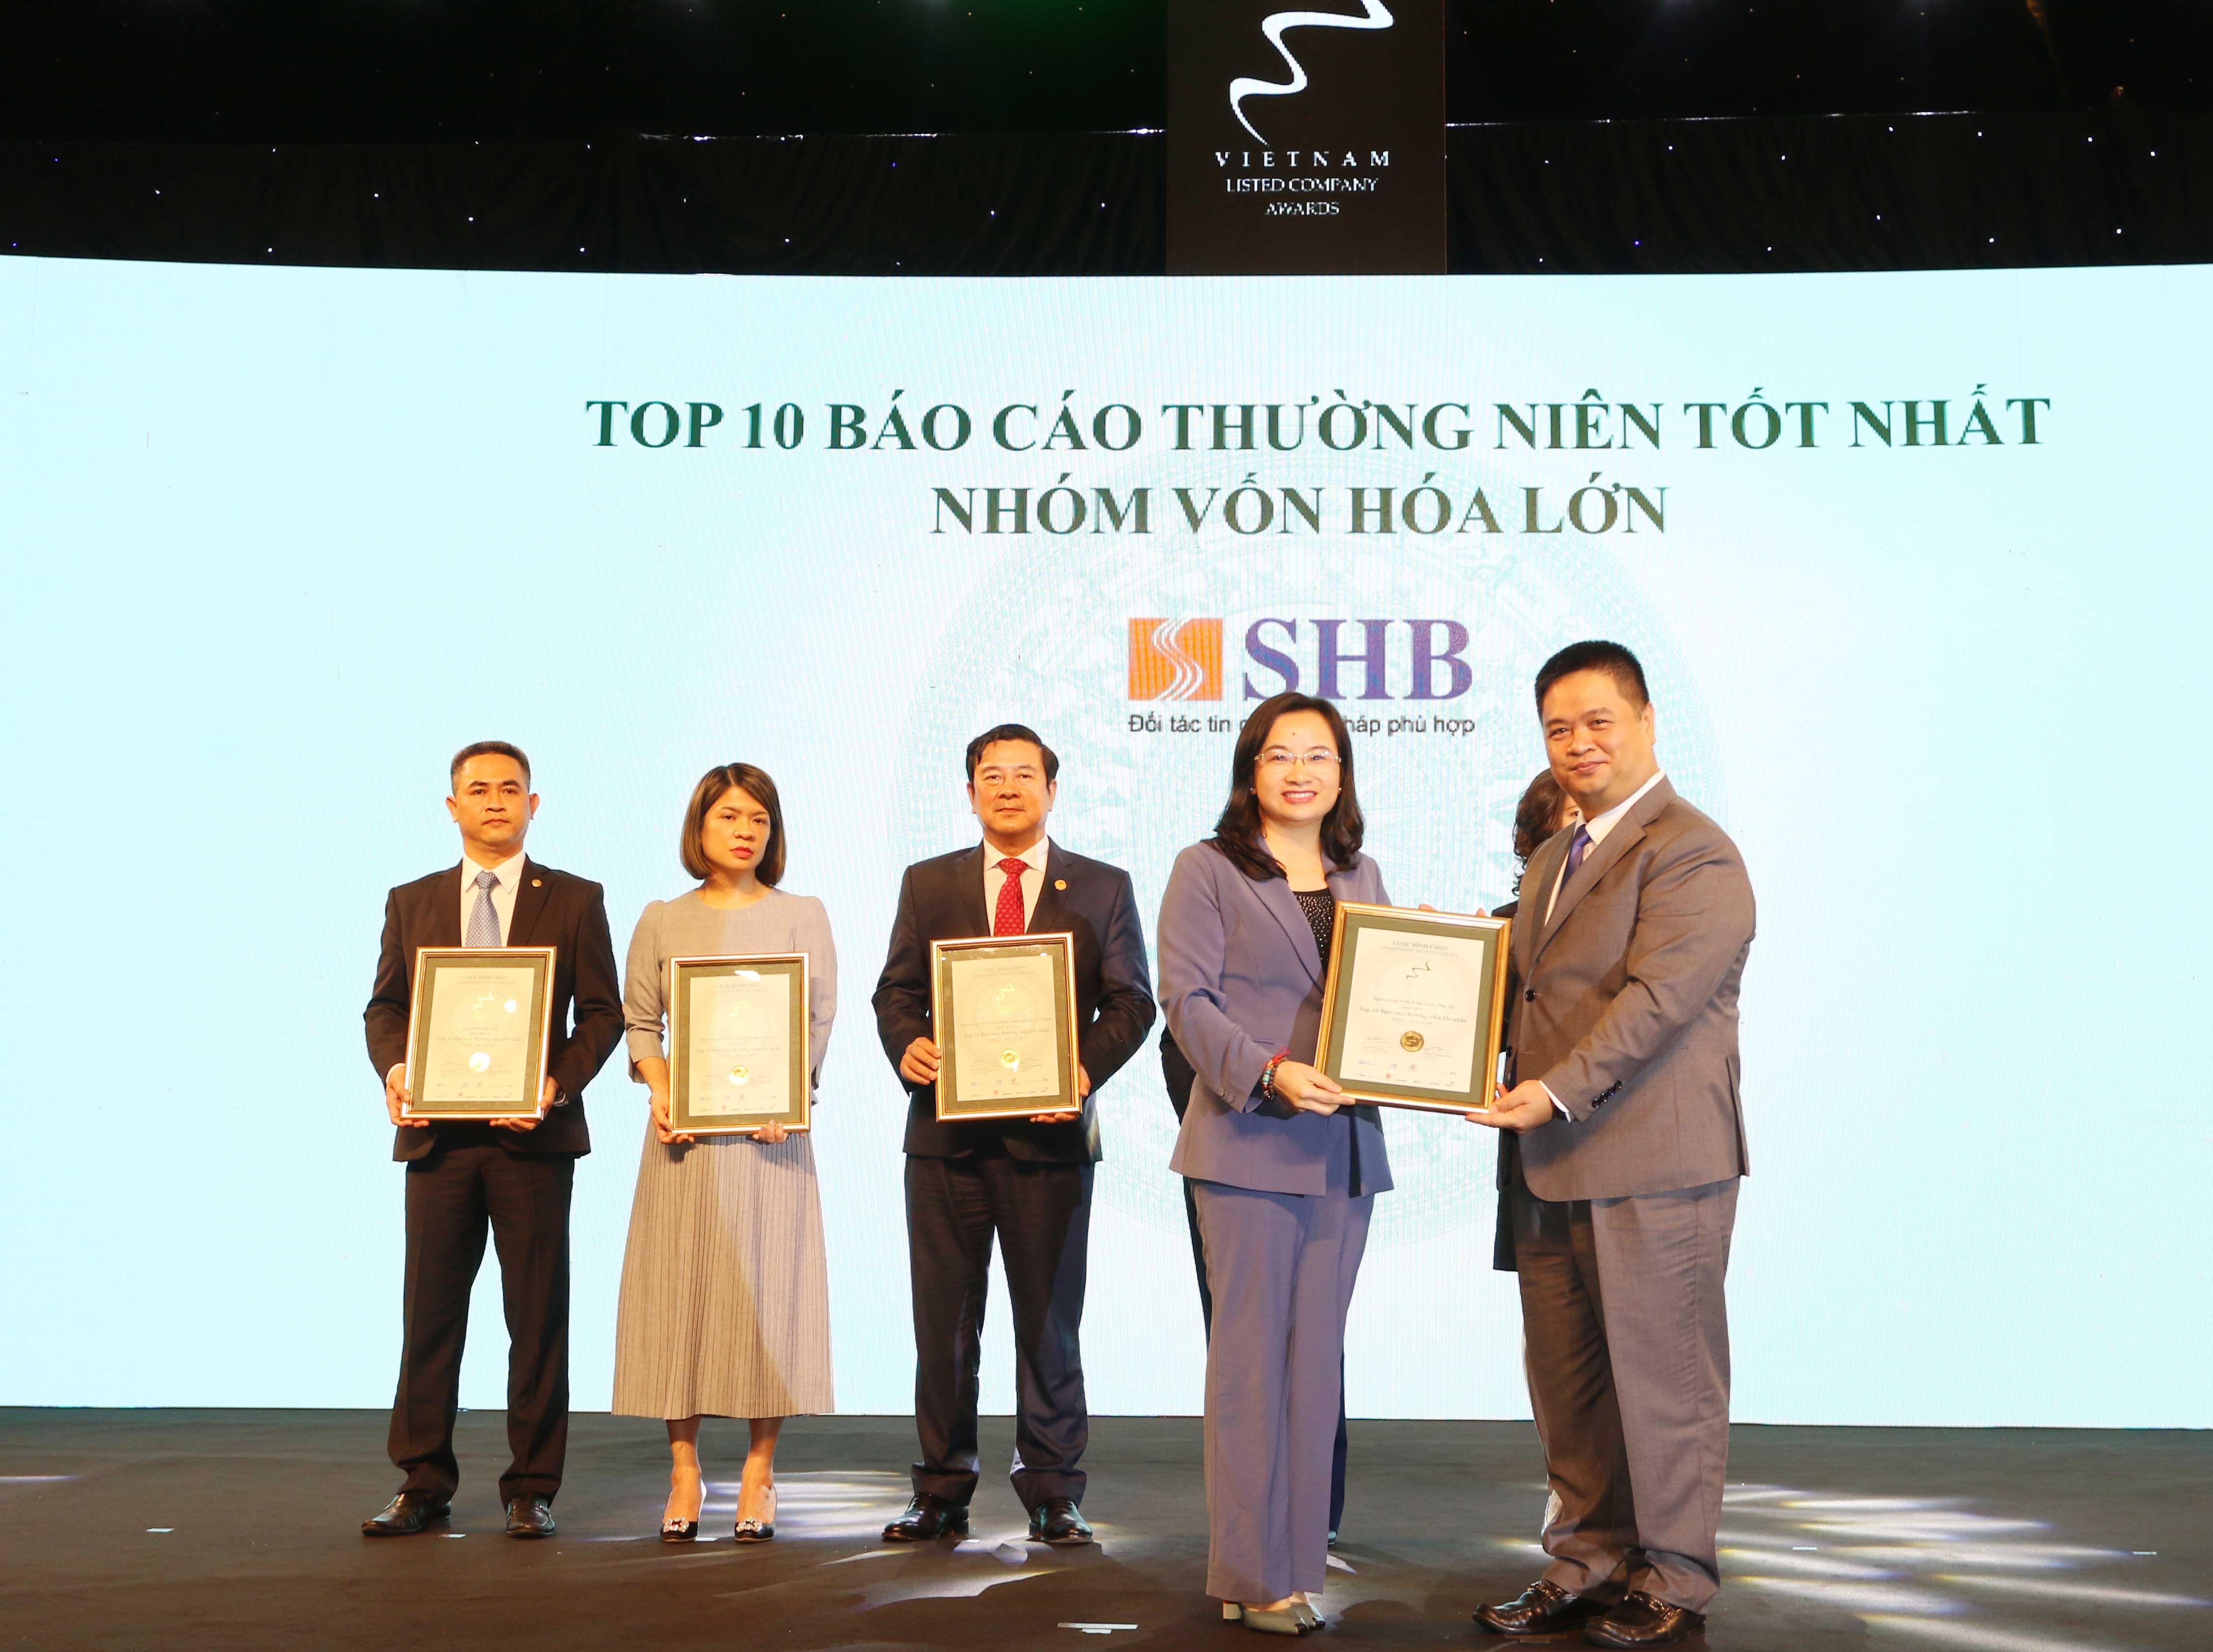 https://www.aravietnam.vn/wp-content/uploads/2020/12/32_Dại-diện-SHB-nhận-TOP-10-DNNY-nhóm-vốn-hóa-lớn-có-BCTN-tốt-nhất.jpg